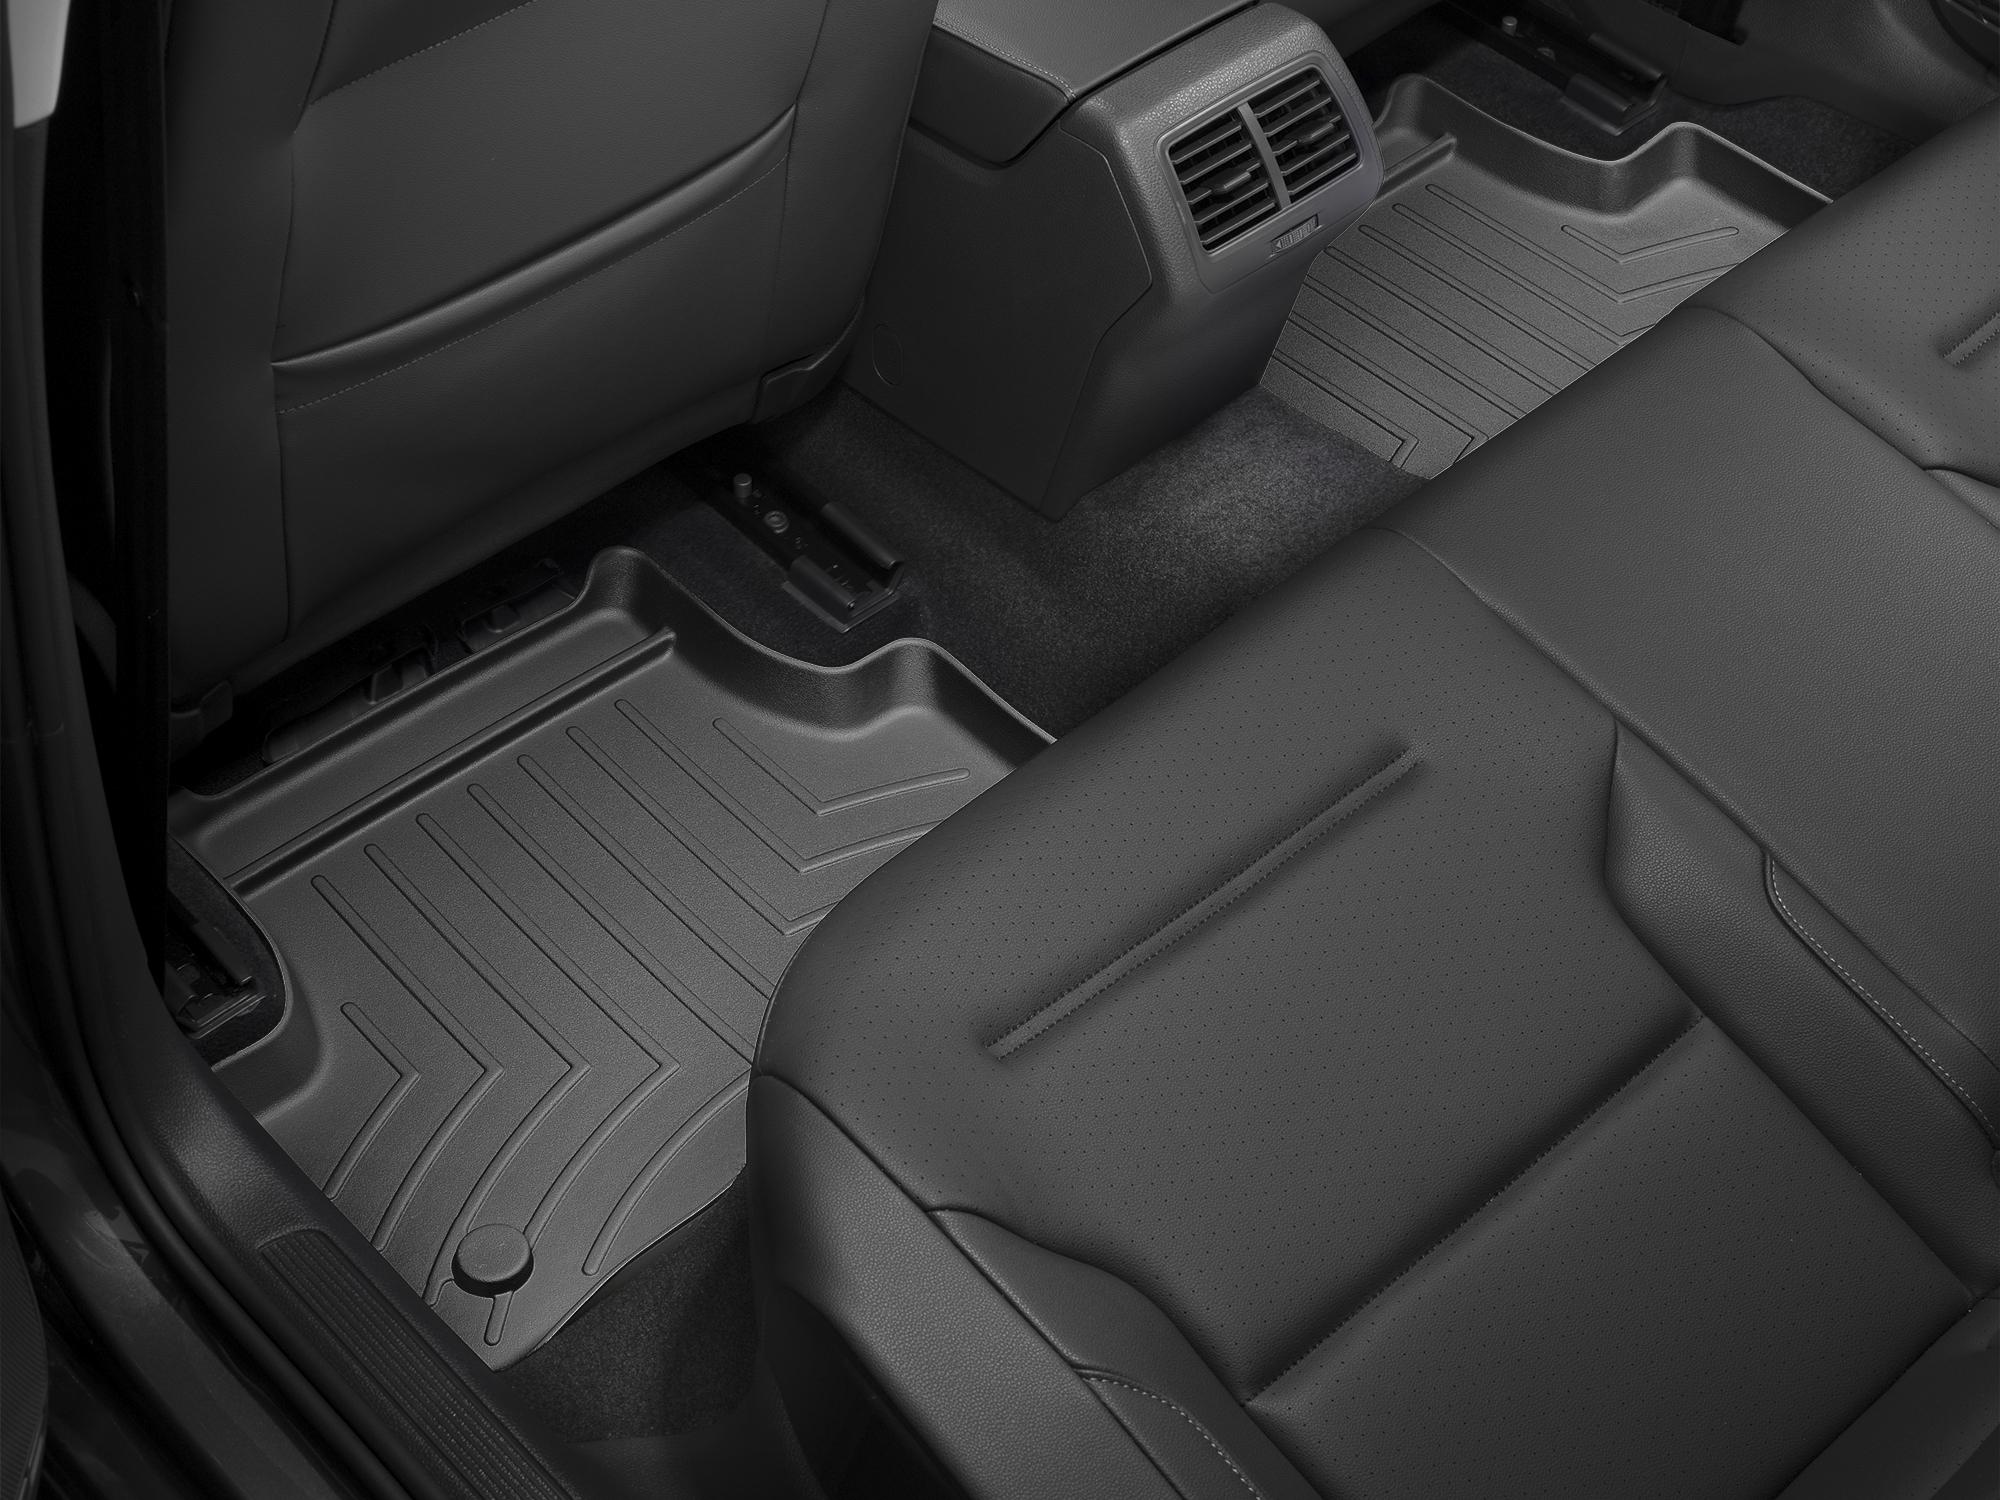 Tappeti gomma su misura bordo alto Volkswagen Golf 4Motion 13>17 Nero A4069*